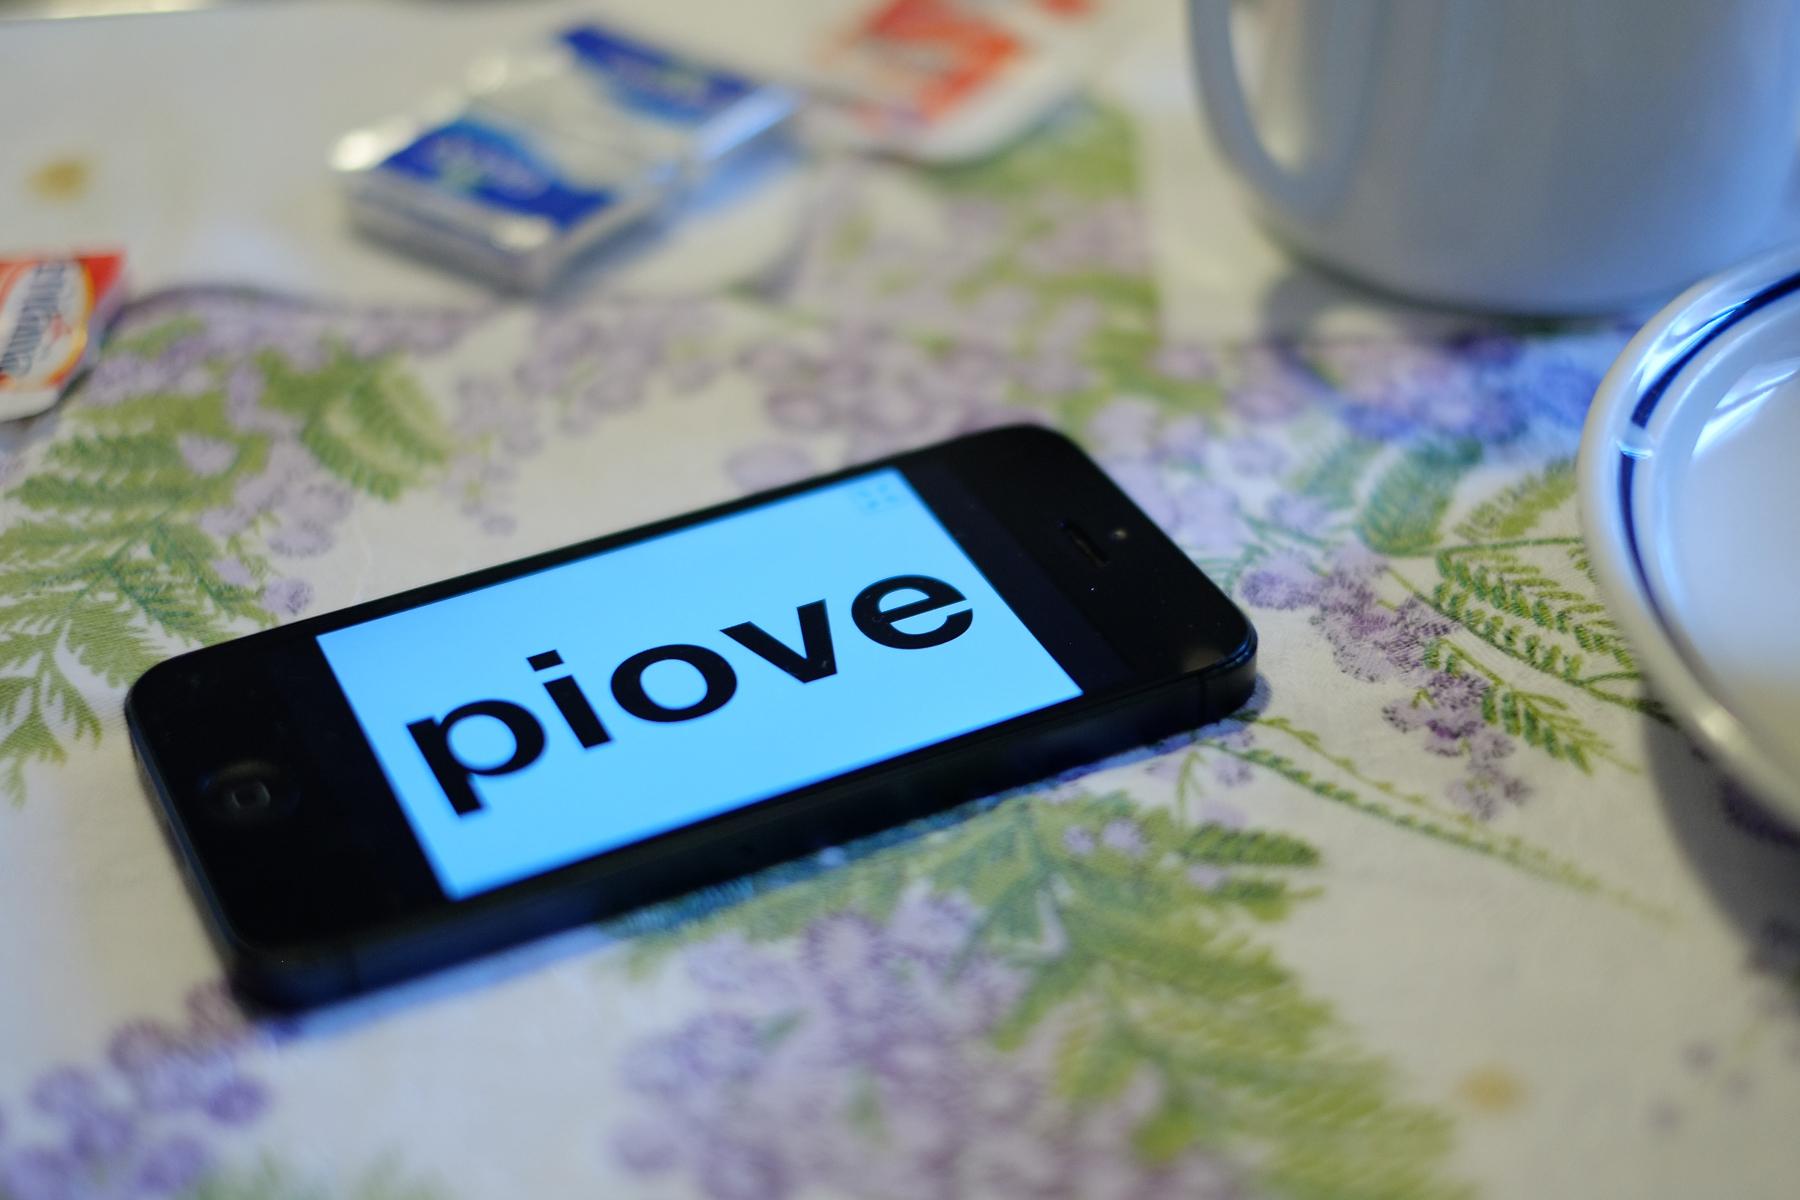 PioveiPhone copy.jpg